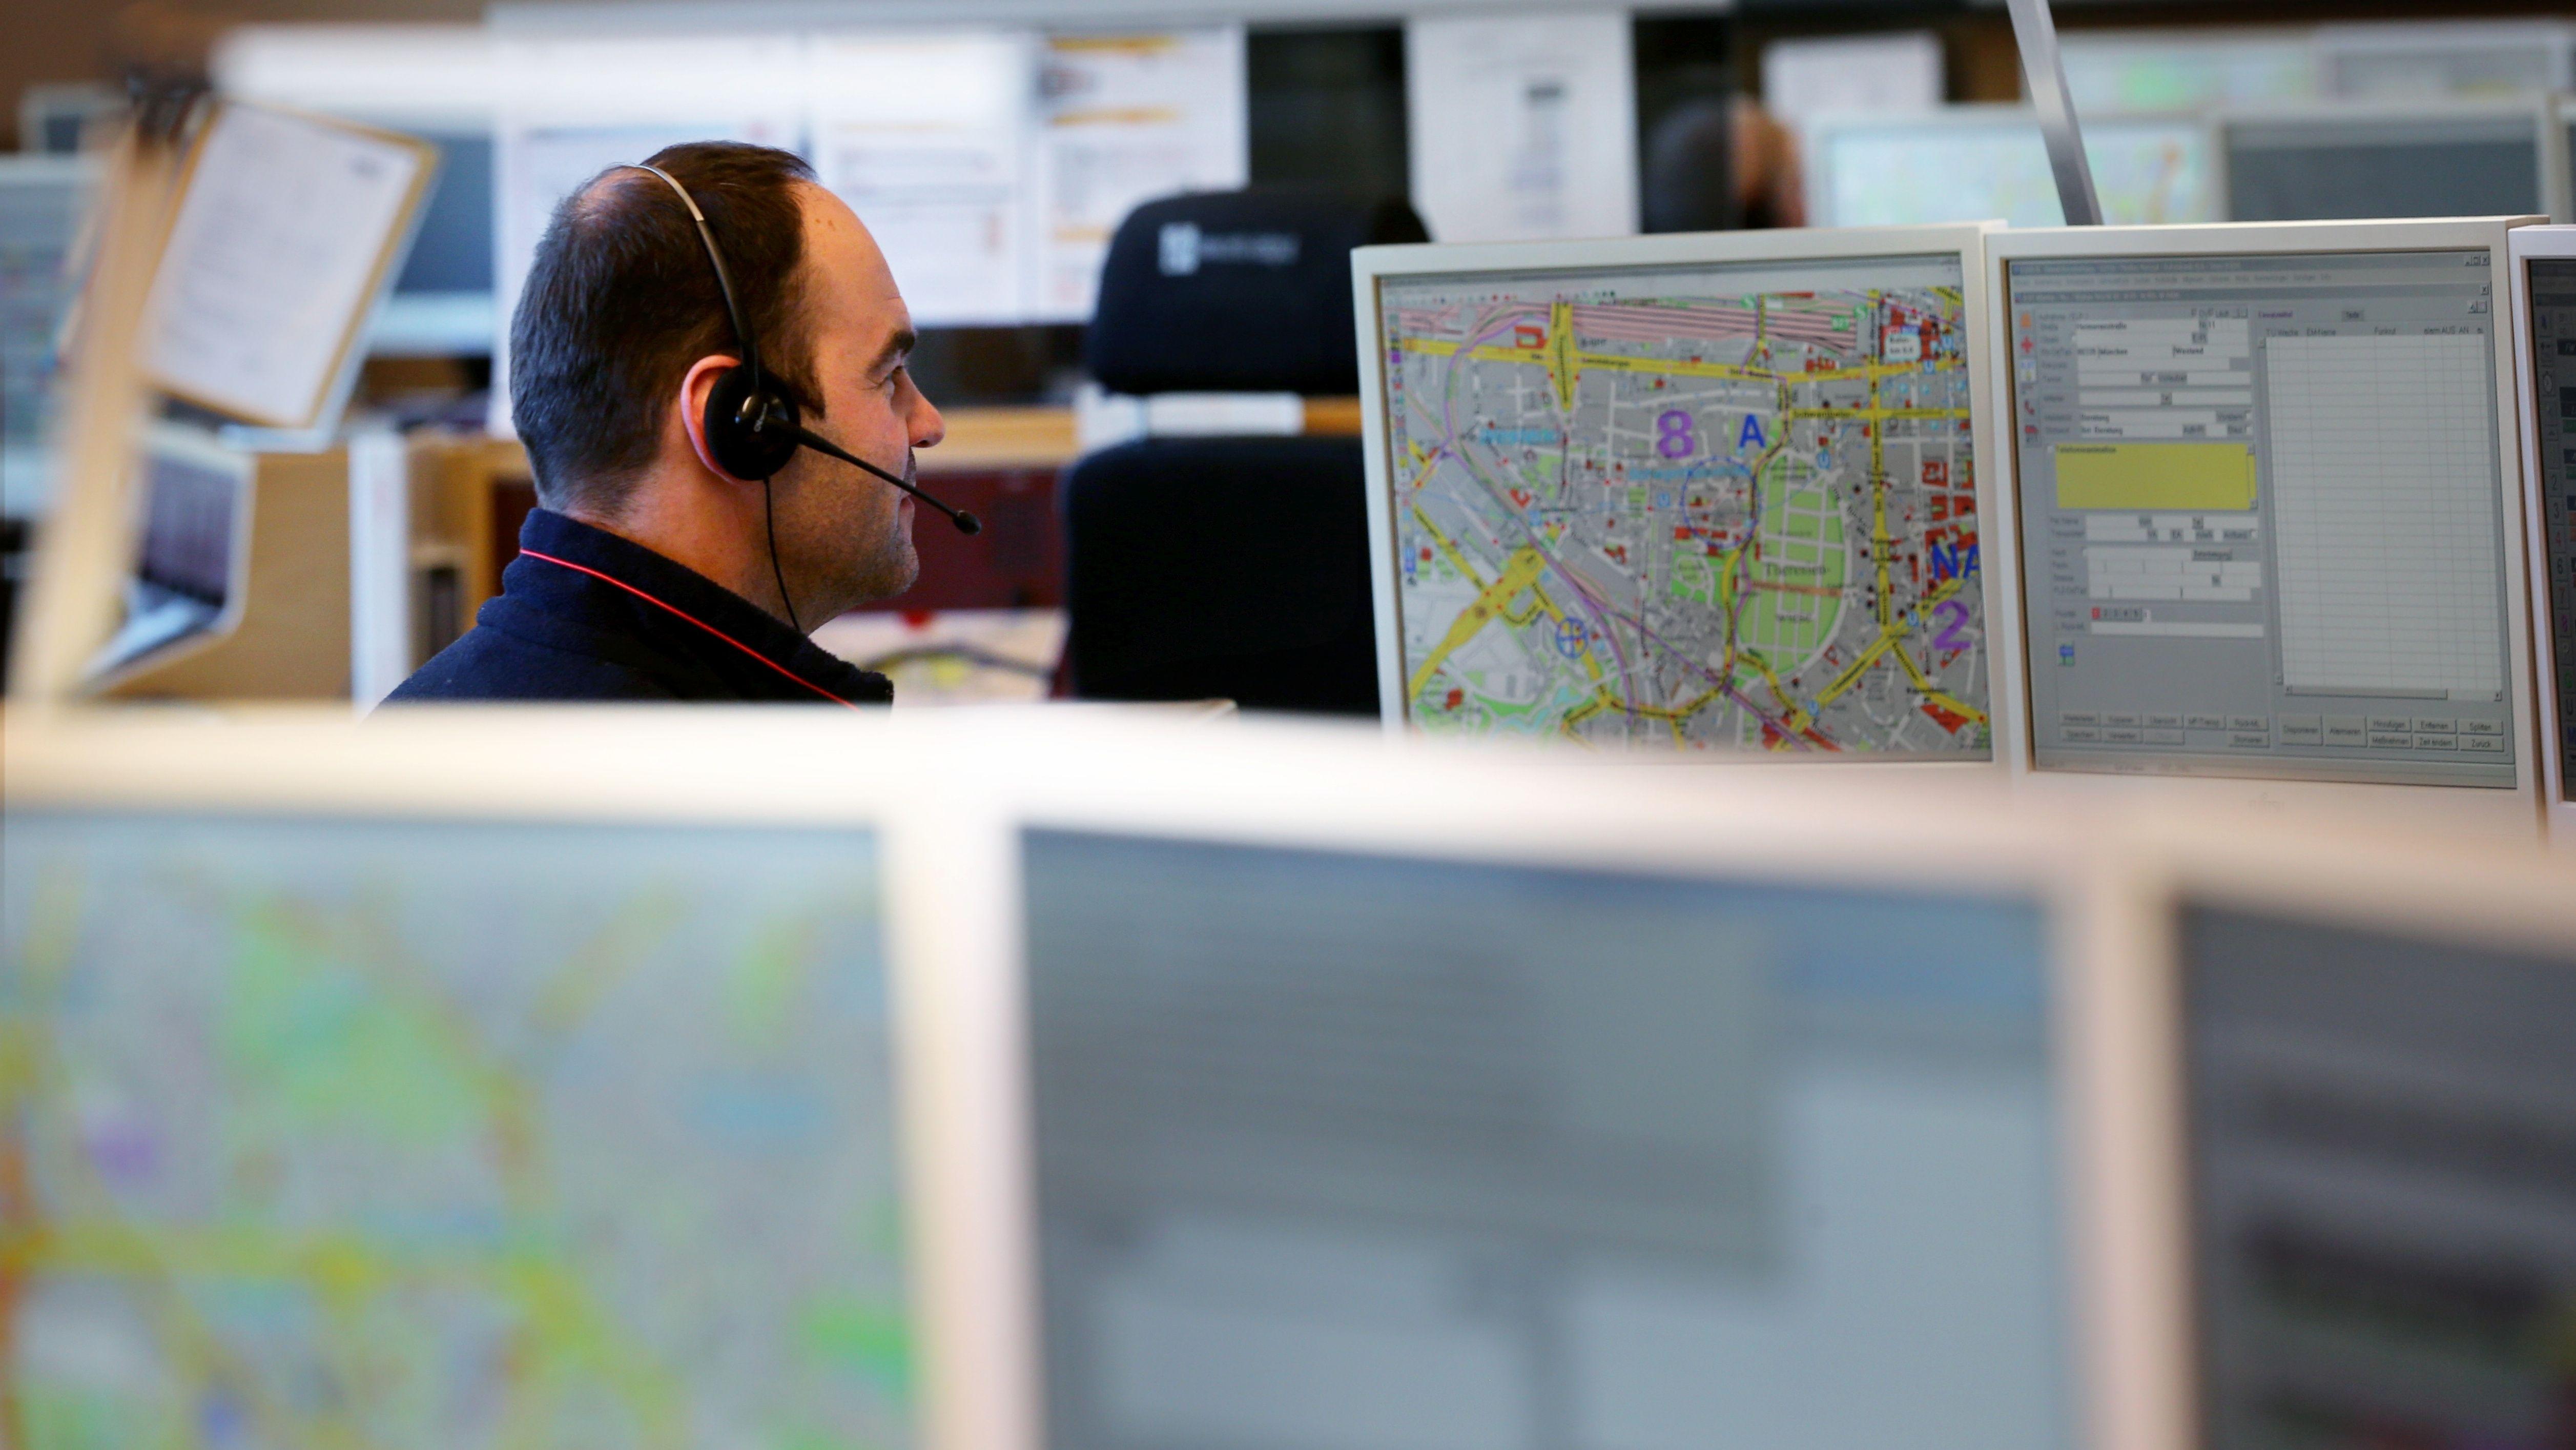 In vielen Notrufzentralen ist wegen des erwarteten Orkans zusätzliches Personal einteilt worden.